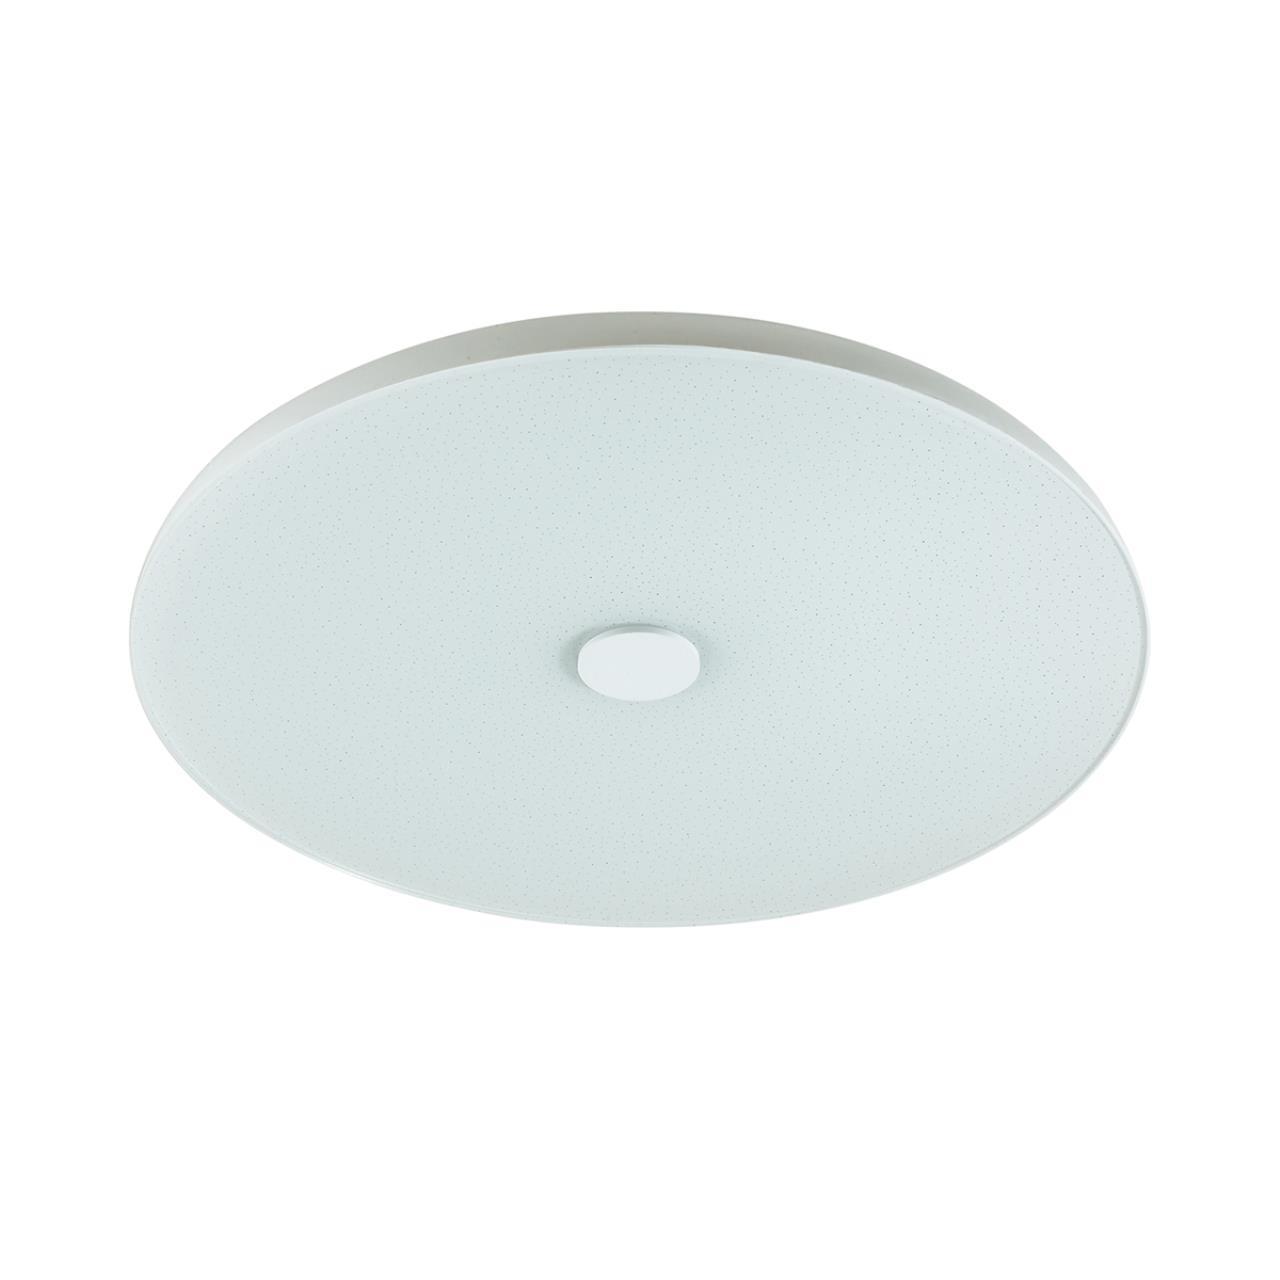 4629/CL VASTA LED SN 032 св-к ROKI muzcolor пластик LED 36Вт 3000-6500К D400 IP20 пульт ДУ/динамики